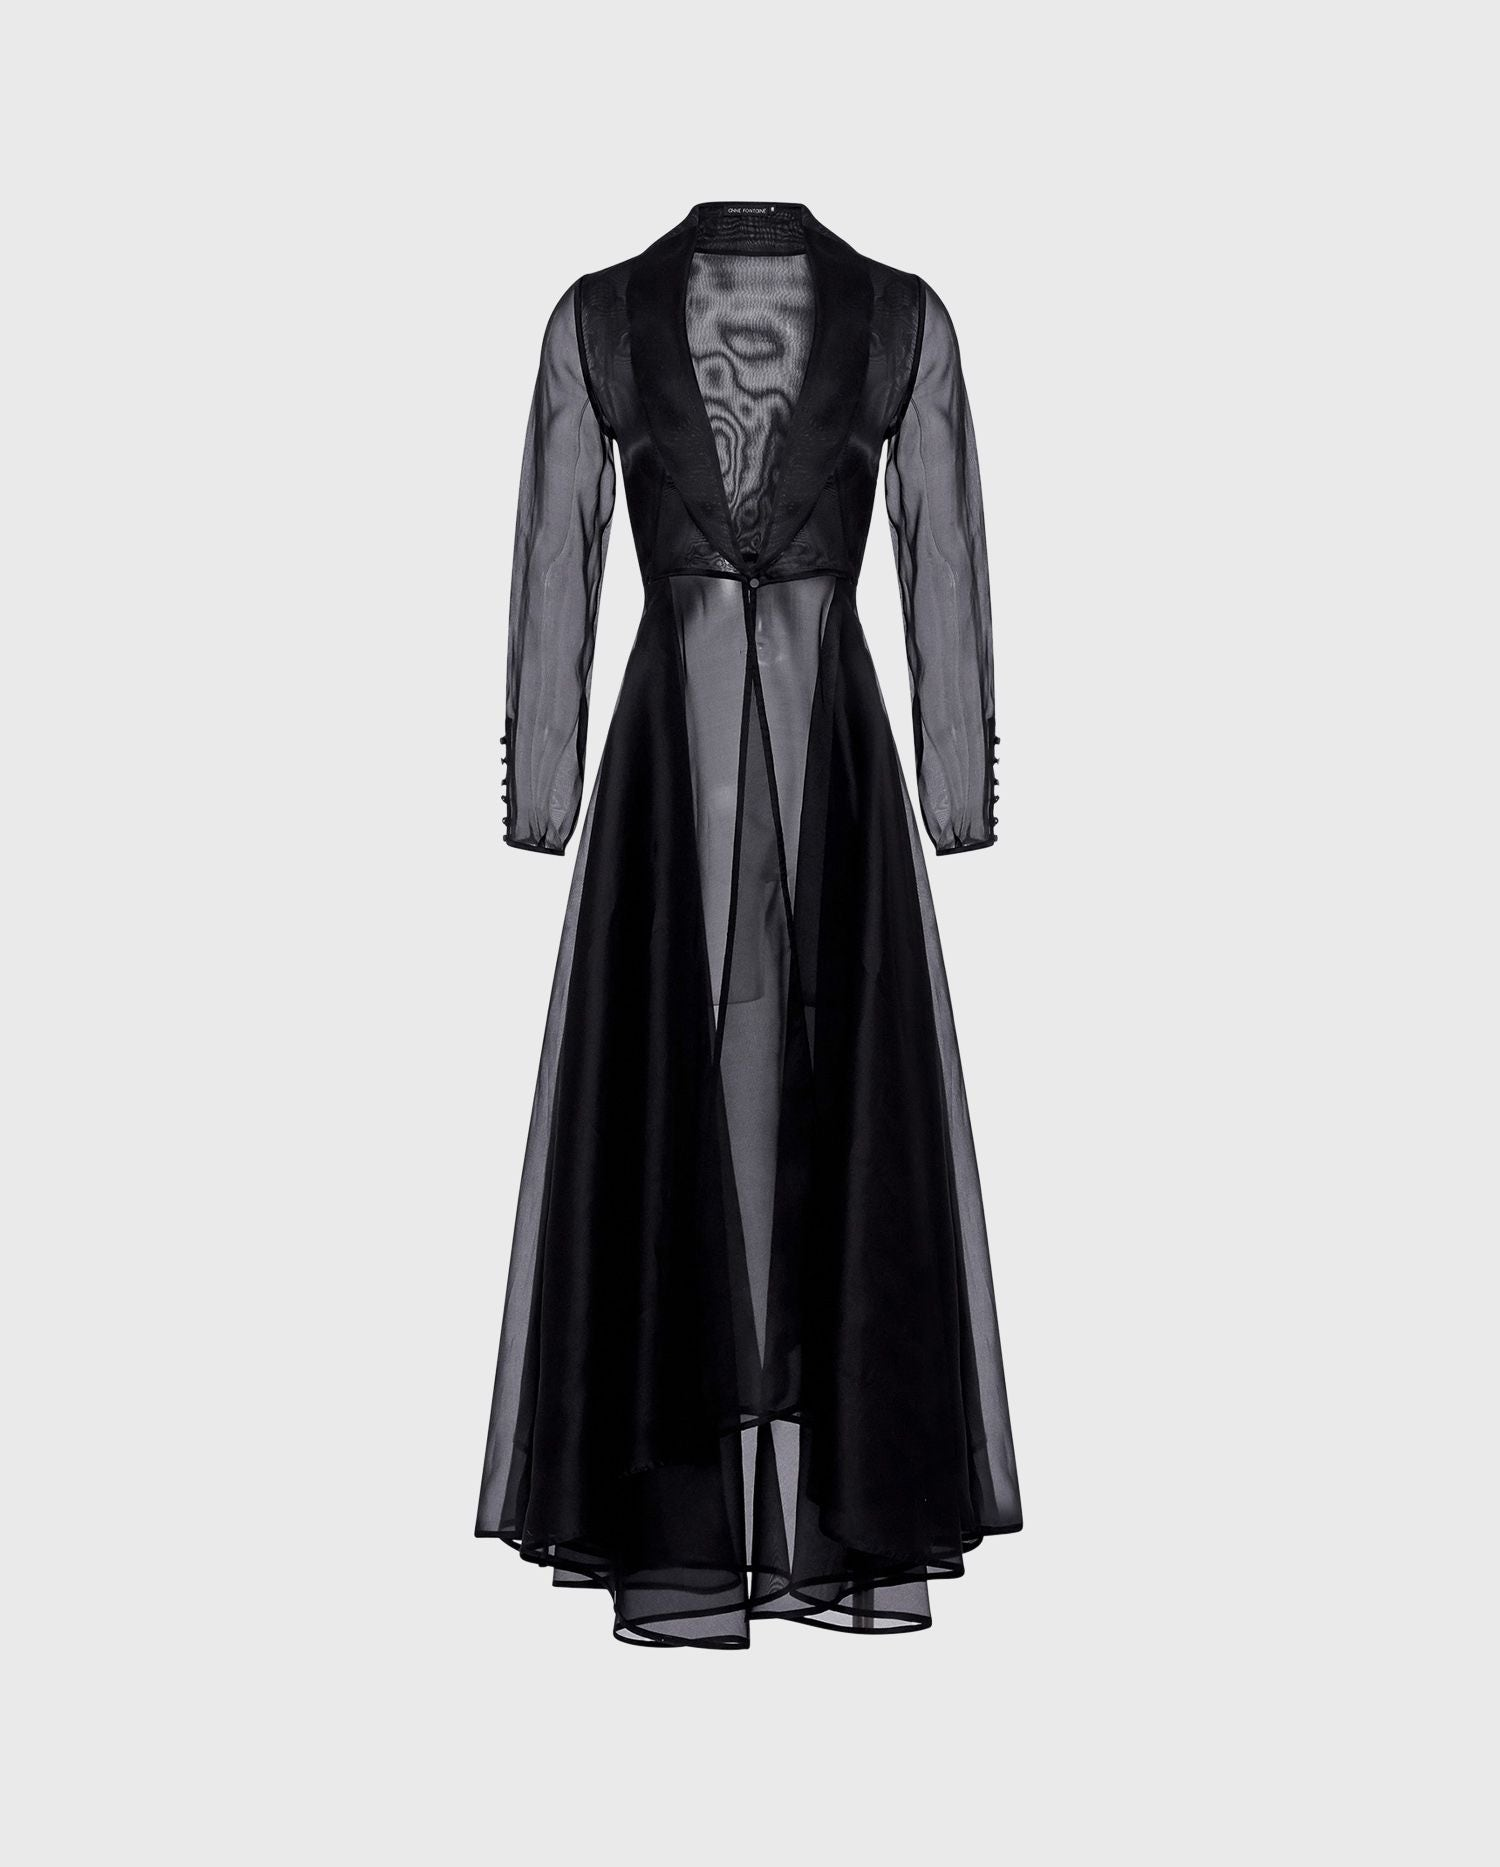 ANNE FONTAINE: LIDORANE Dress: Evening jacket cut from sheer silk organza